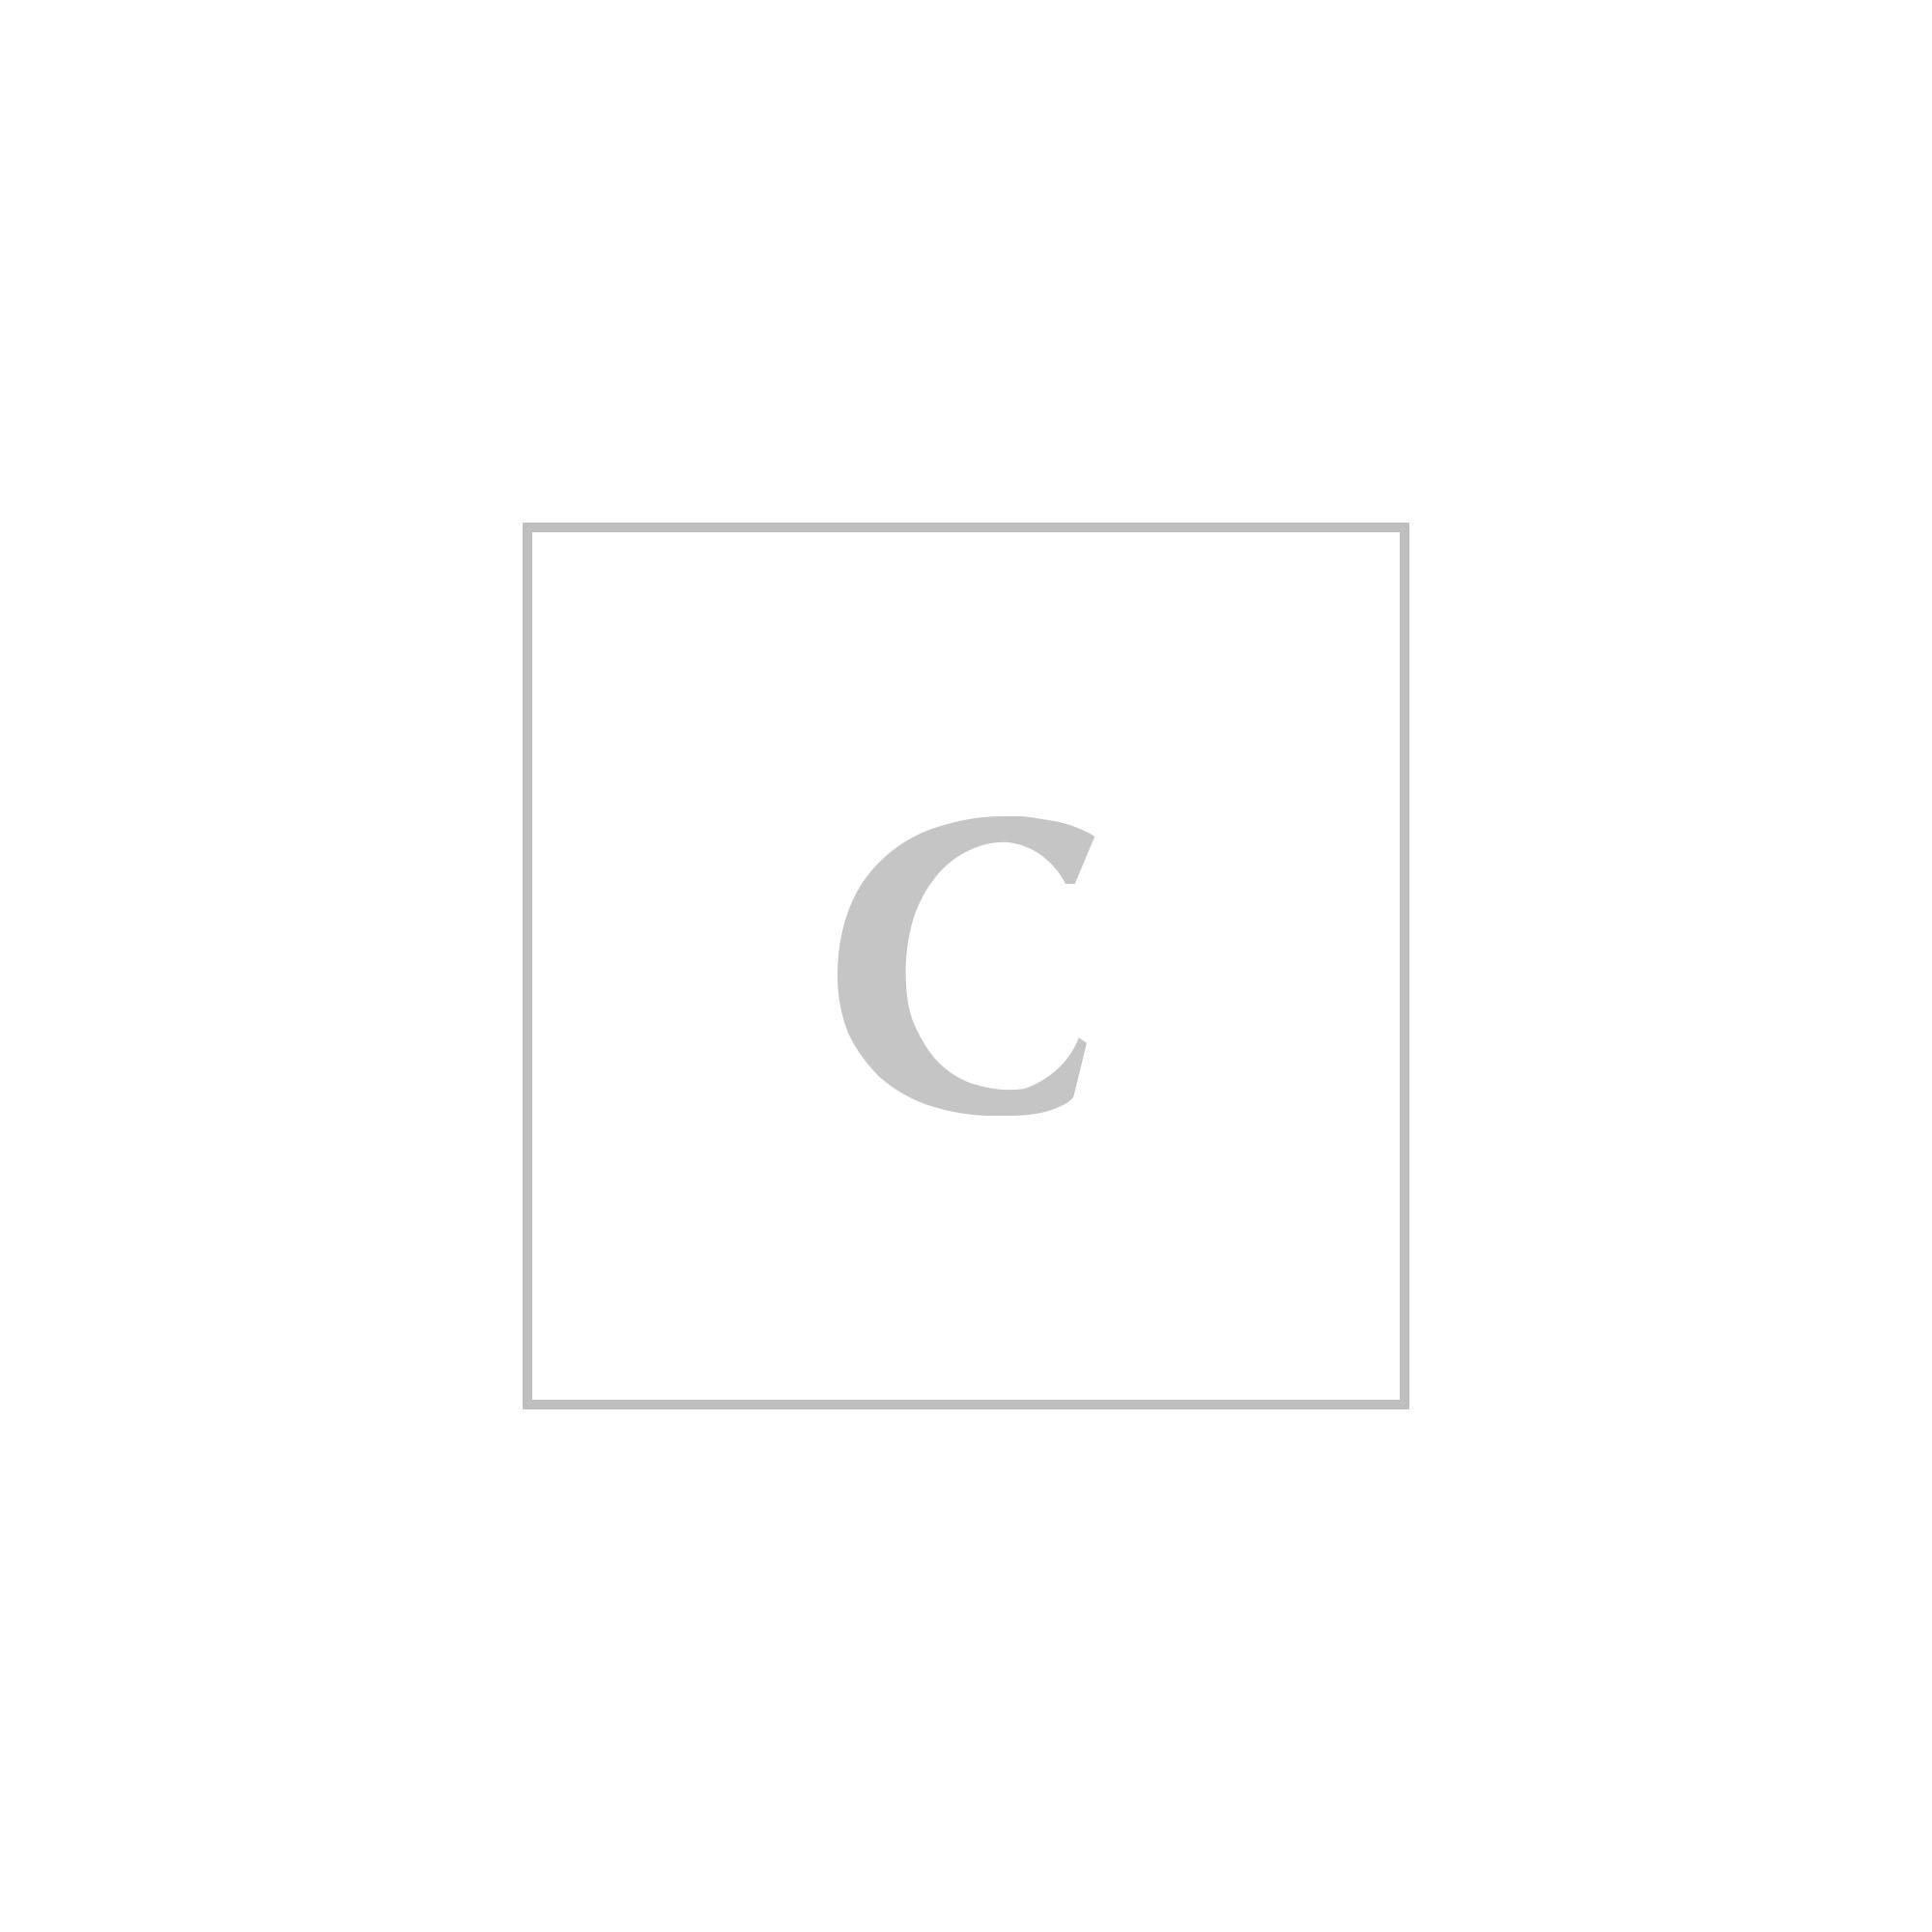 Balenciaga borsa specchio arena giant mini